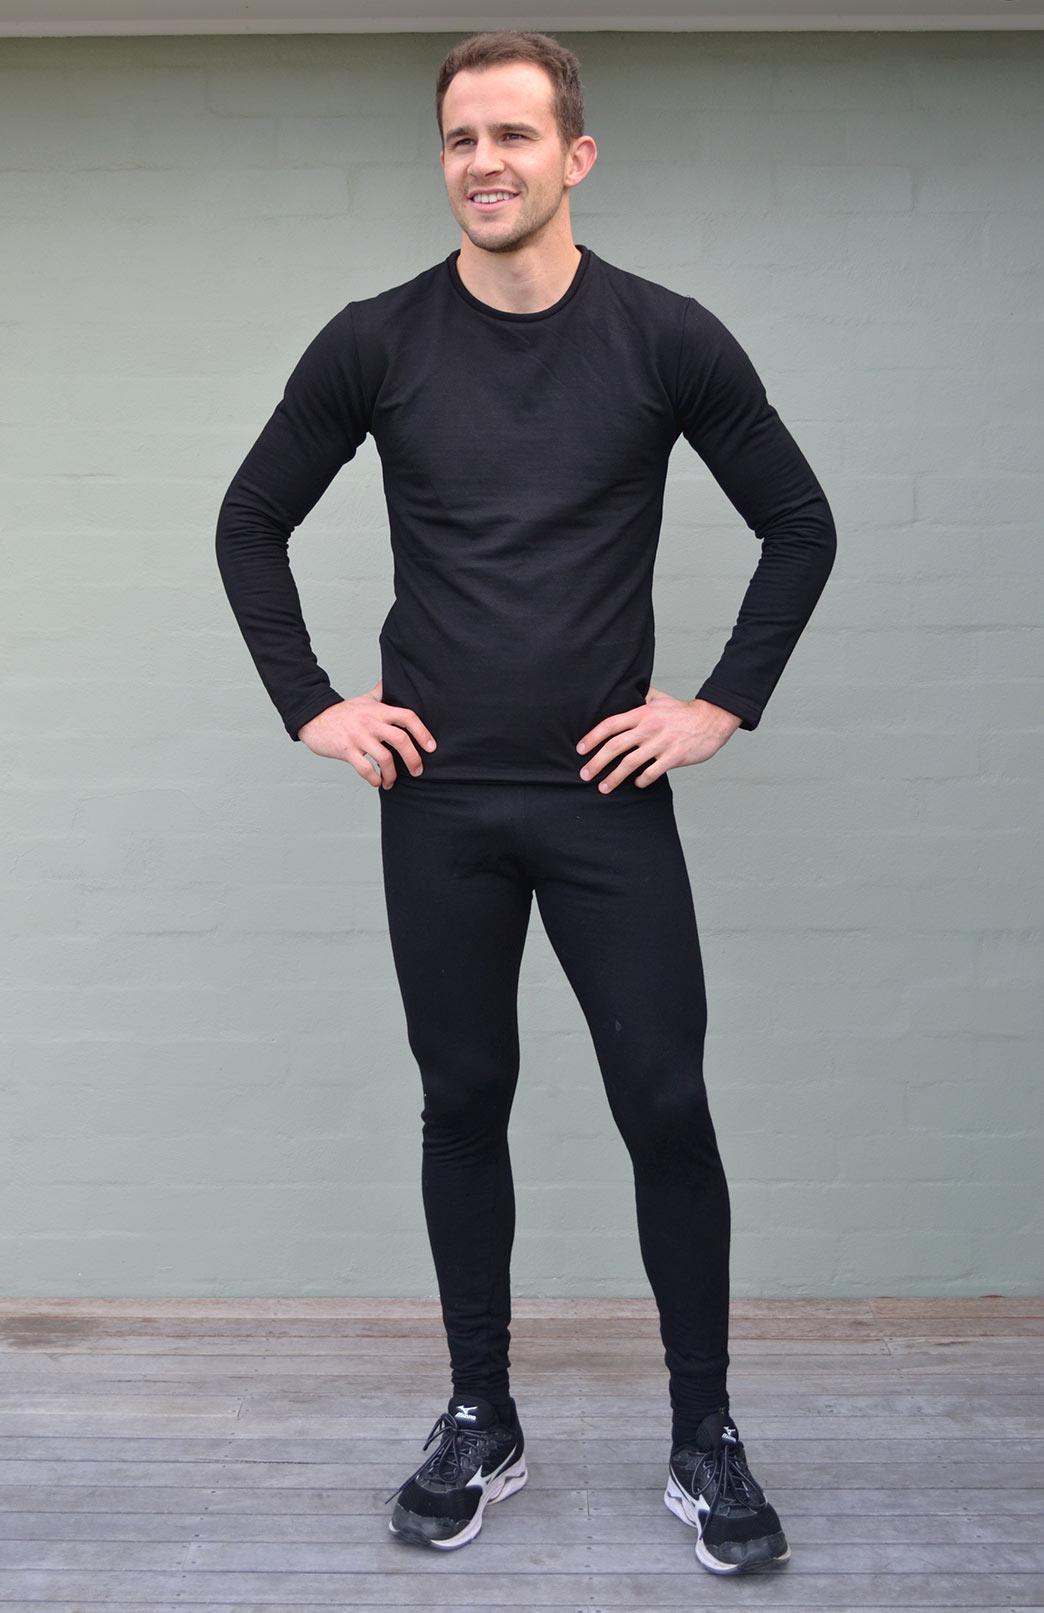 Fleece Leggings - Men's Plain Black Merino Modal Blend Thermal Fleece Leggings - Smitten Merino Tasmania Australia